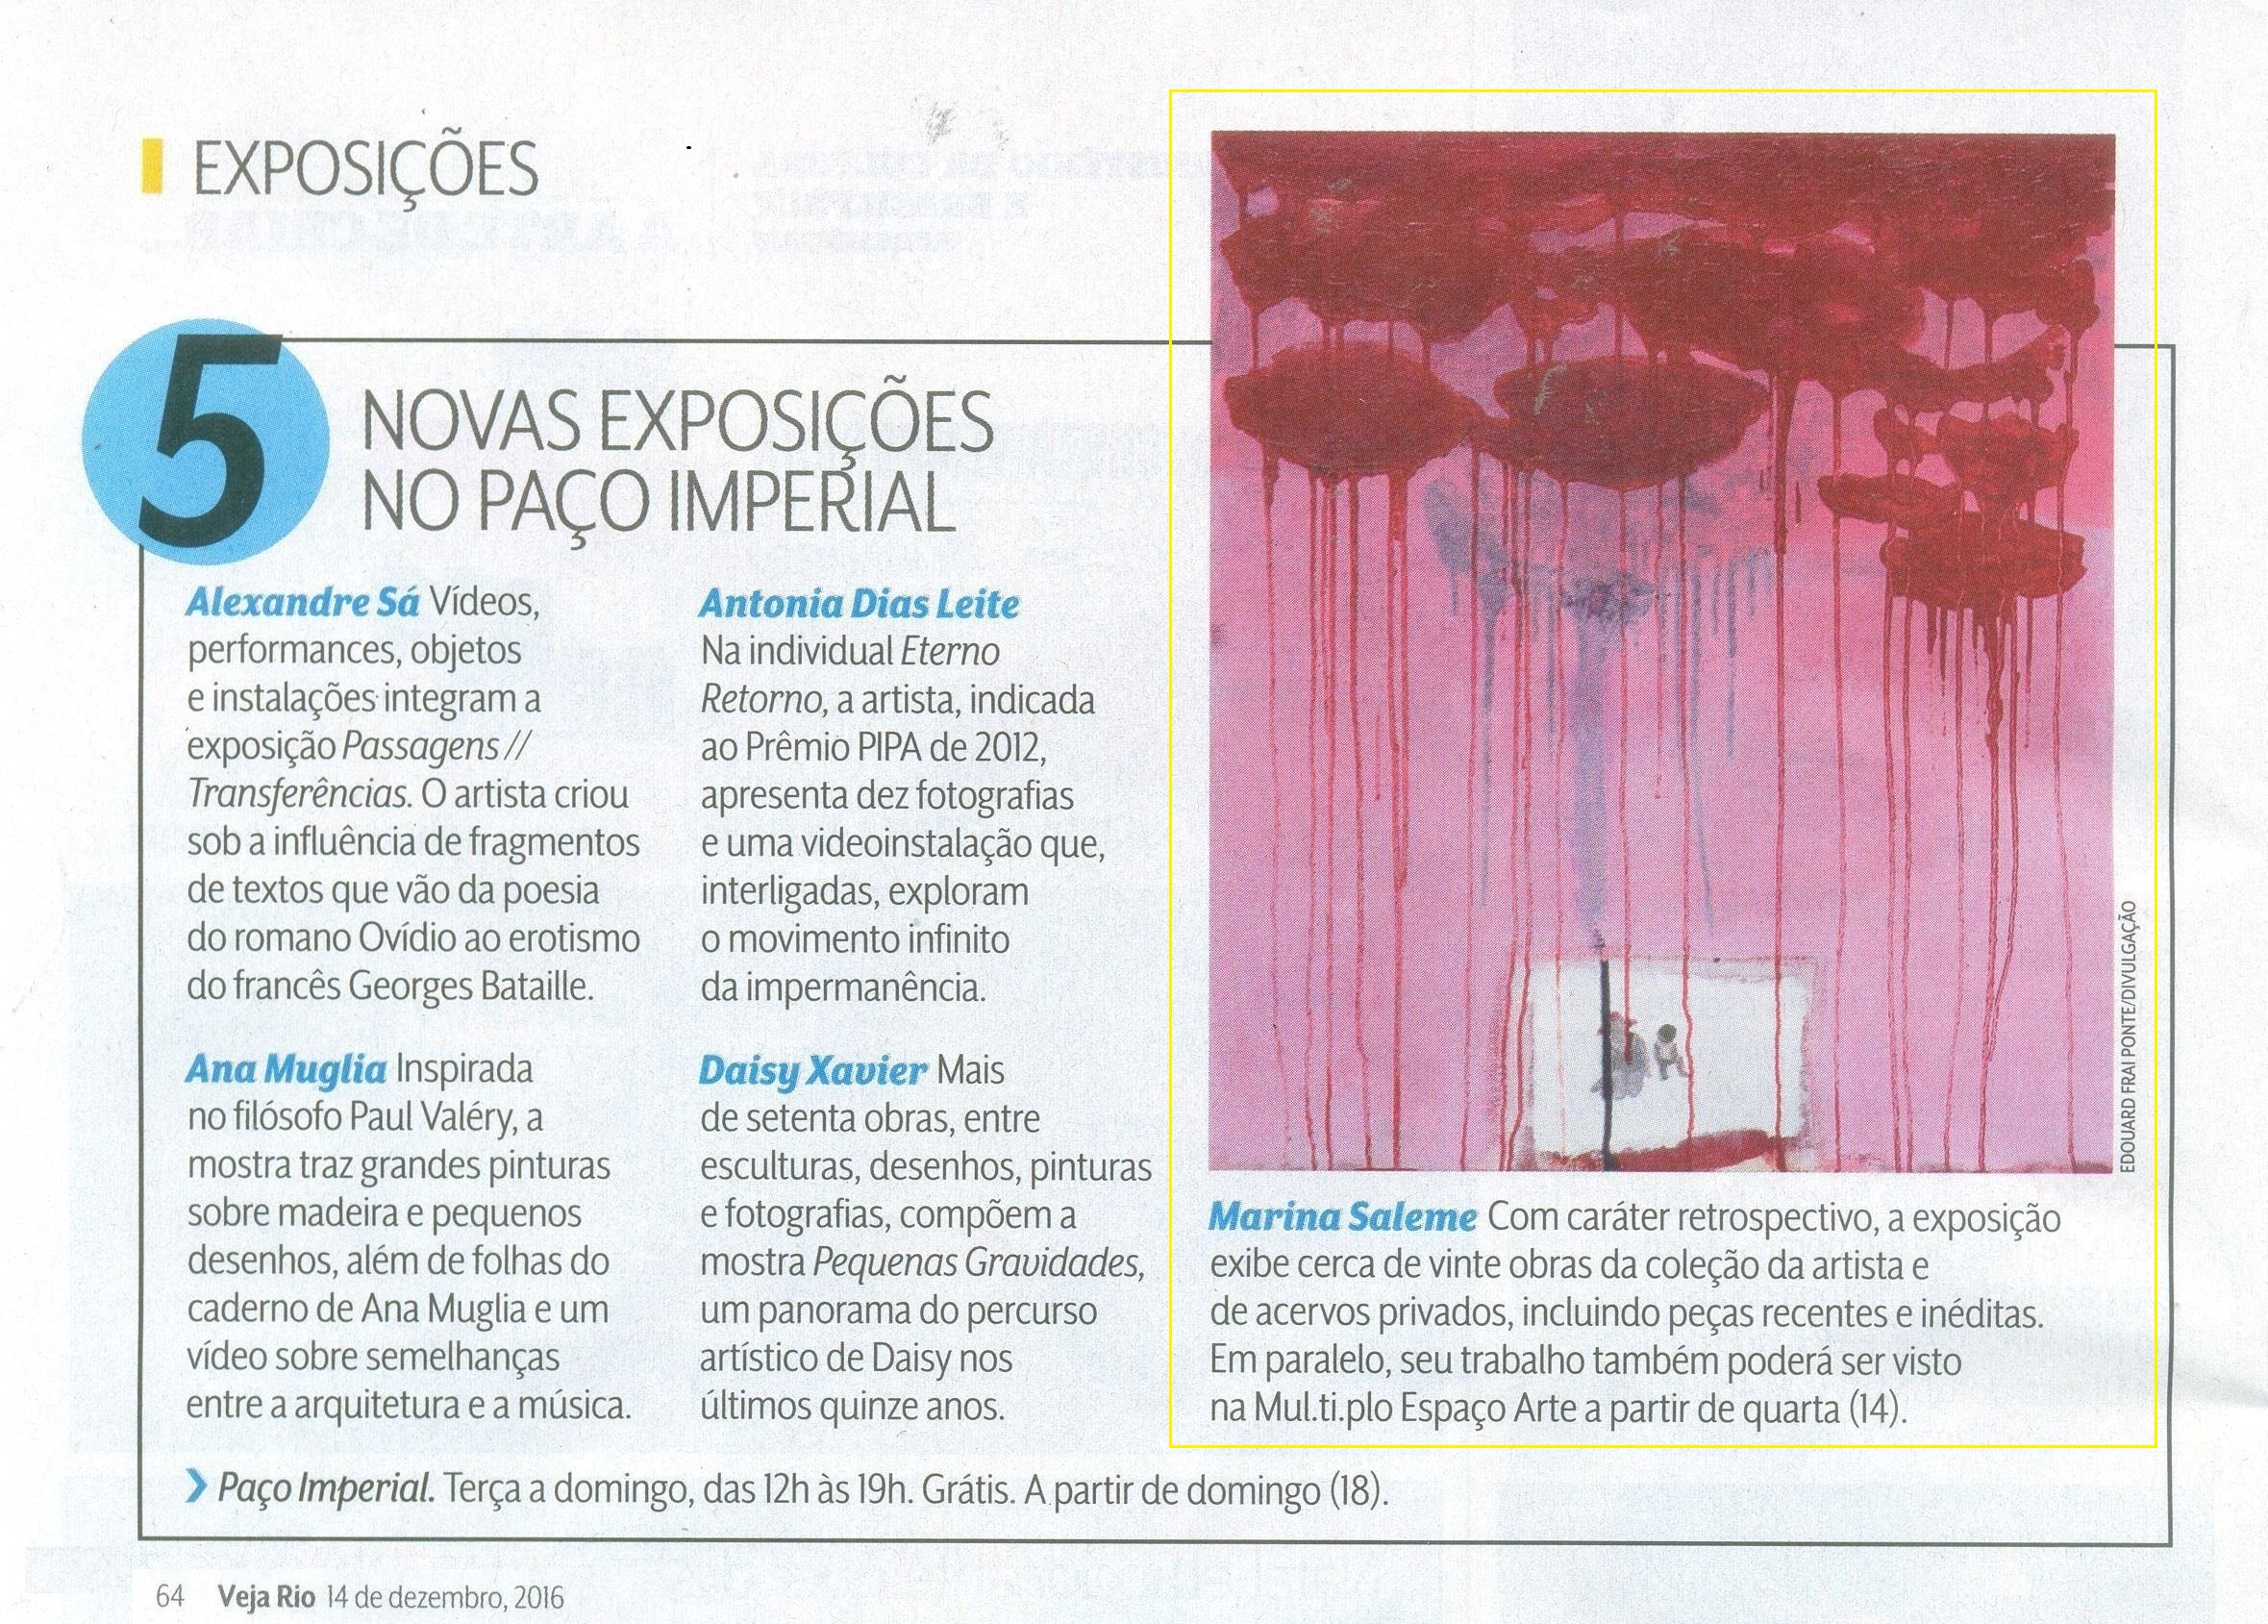 MUL.TI.PLO ESPAÇO ARTE NA REVISTA VEJA RIO 14-12 (pg.64).jpeg